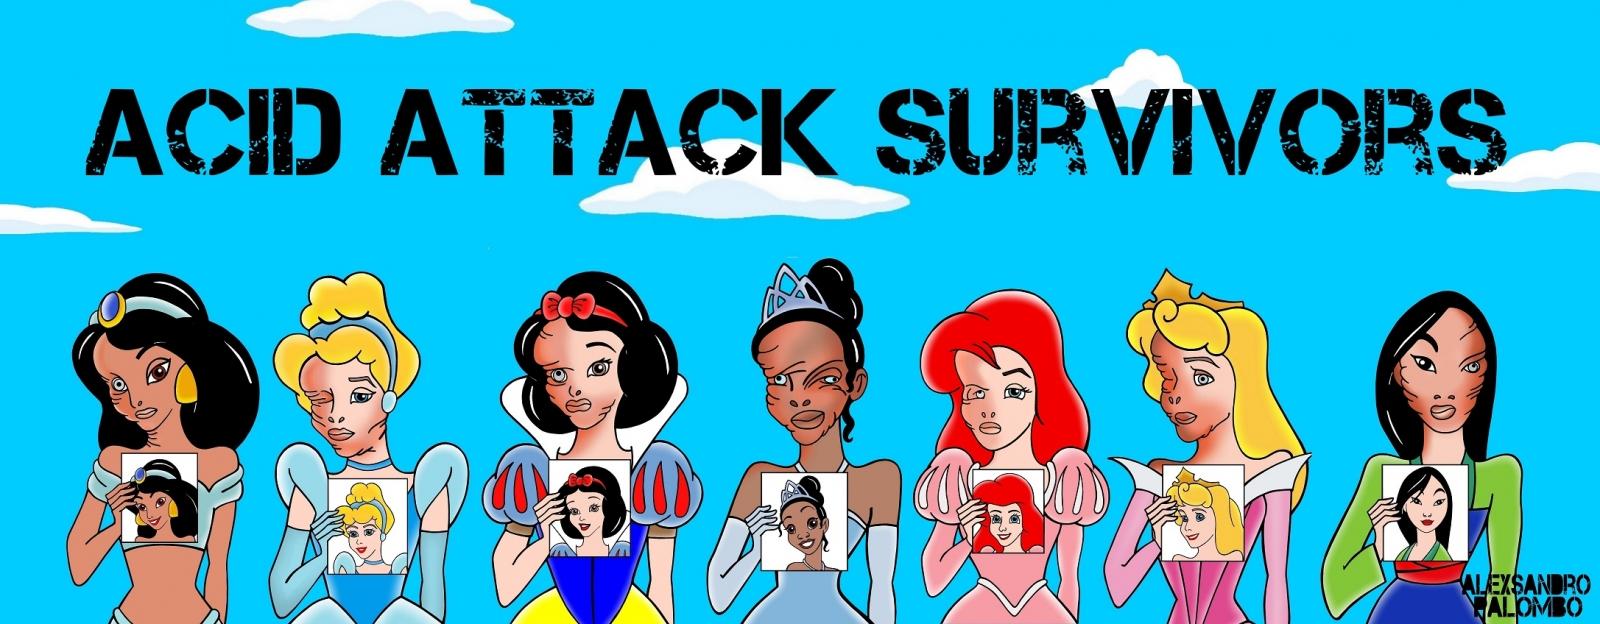 Acid attacks Disney princesses